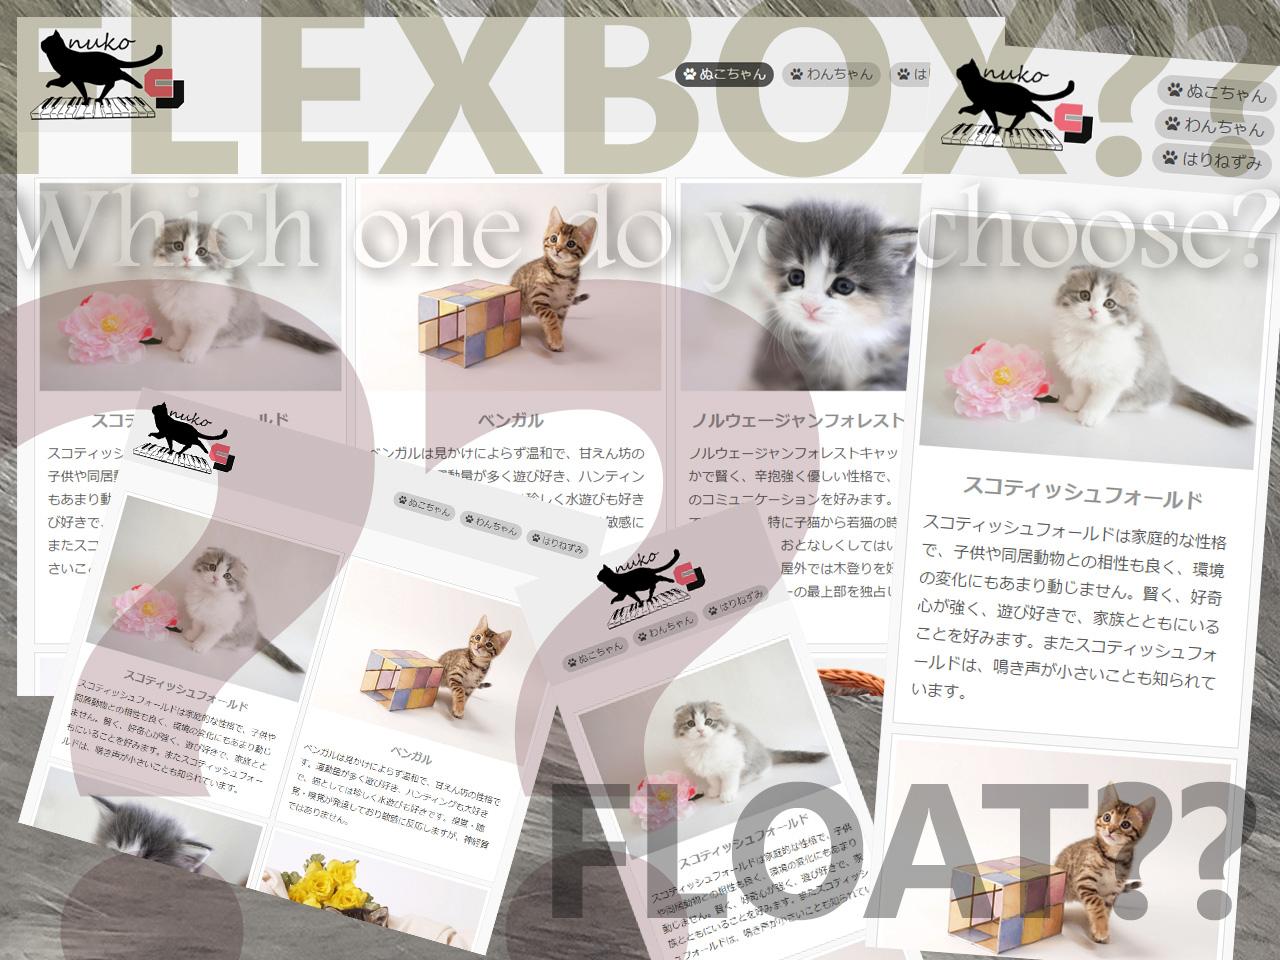 floatか? Flexboxか?